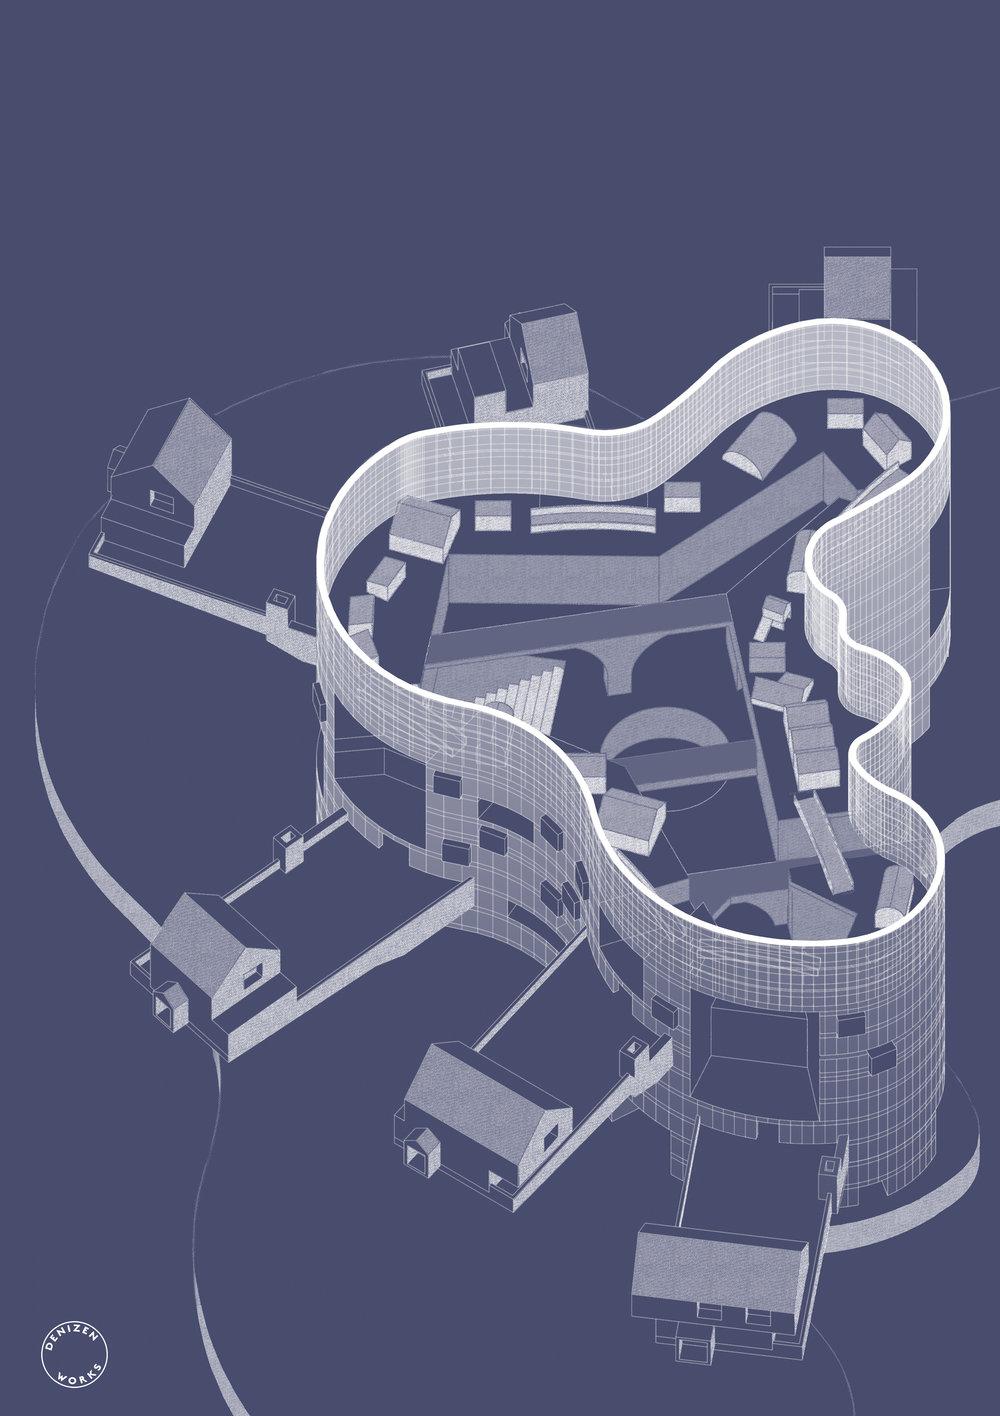 Villa Savoy_Poster_A1_Final.jpg